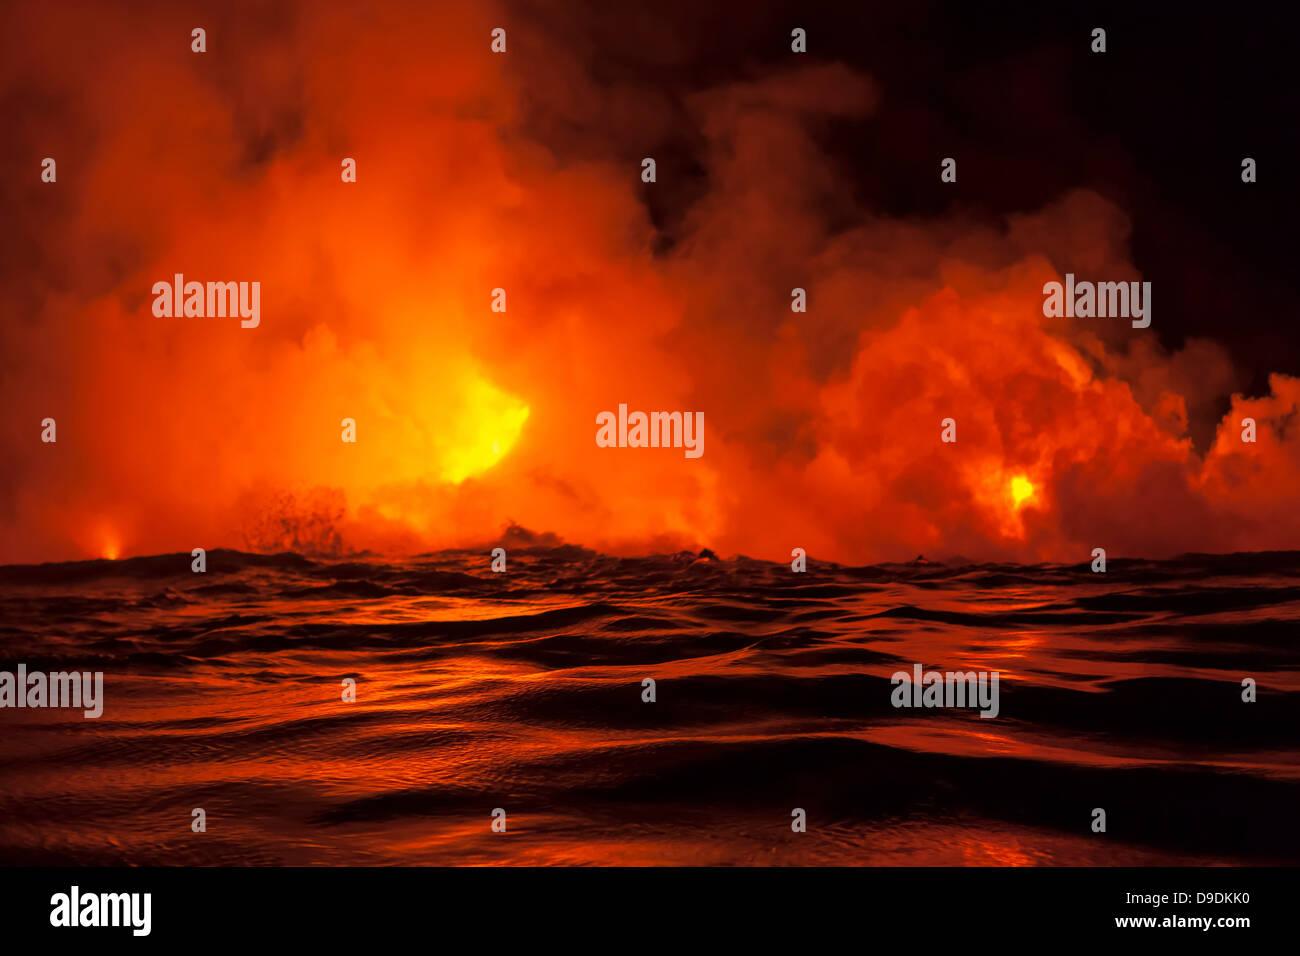 Lava flow into sea at night, Kilauea volcano, Hawaii - Stock Image